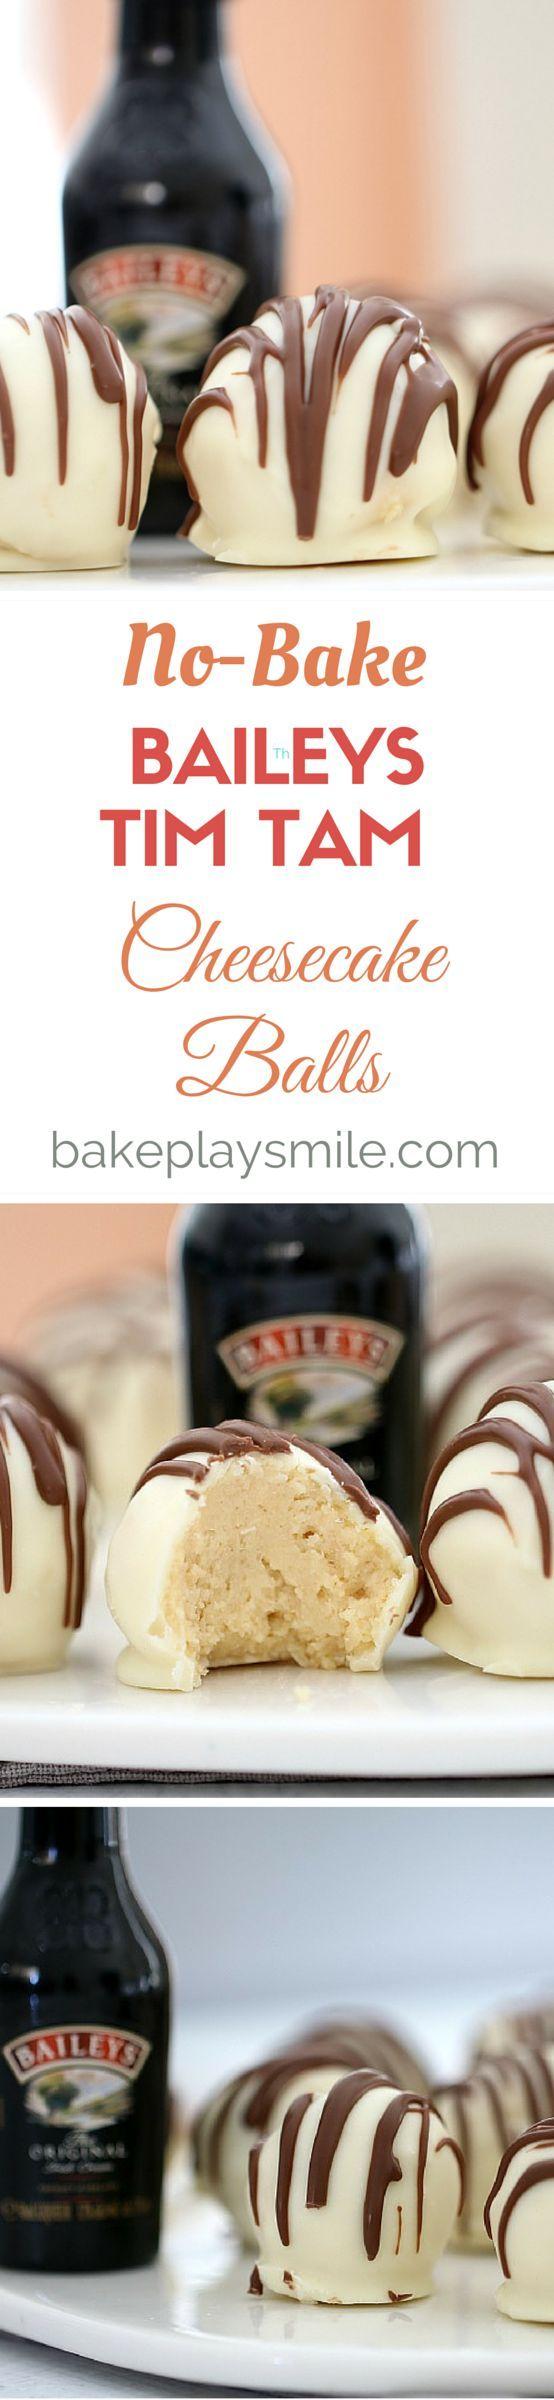 4 ingredient, no-bake Baileys Tim Tam Cheesecake Balls (Homemade Cheese 4 Ingredients)